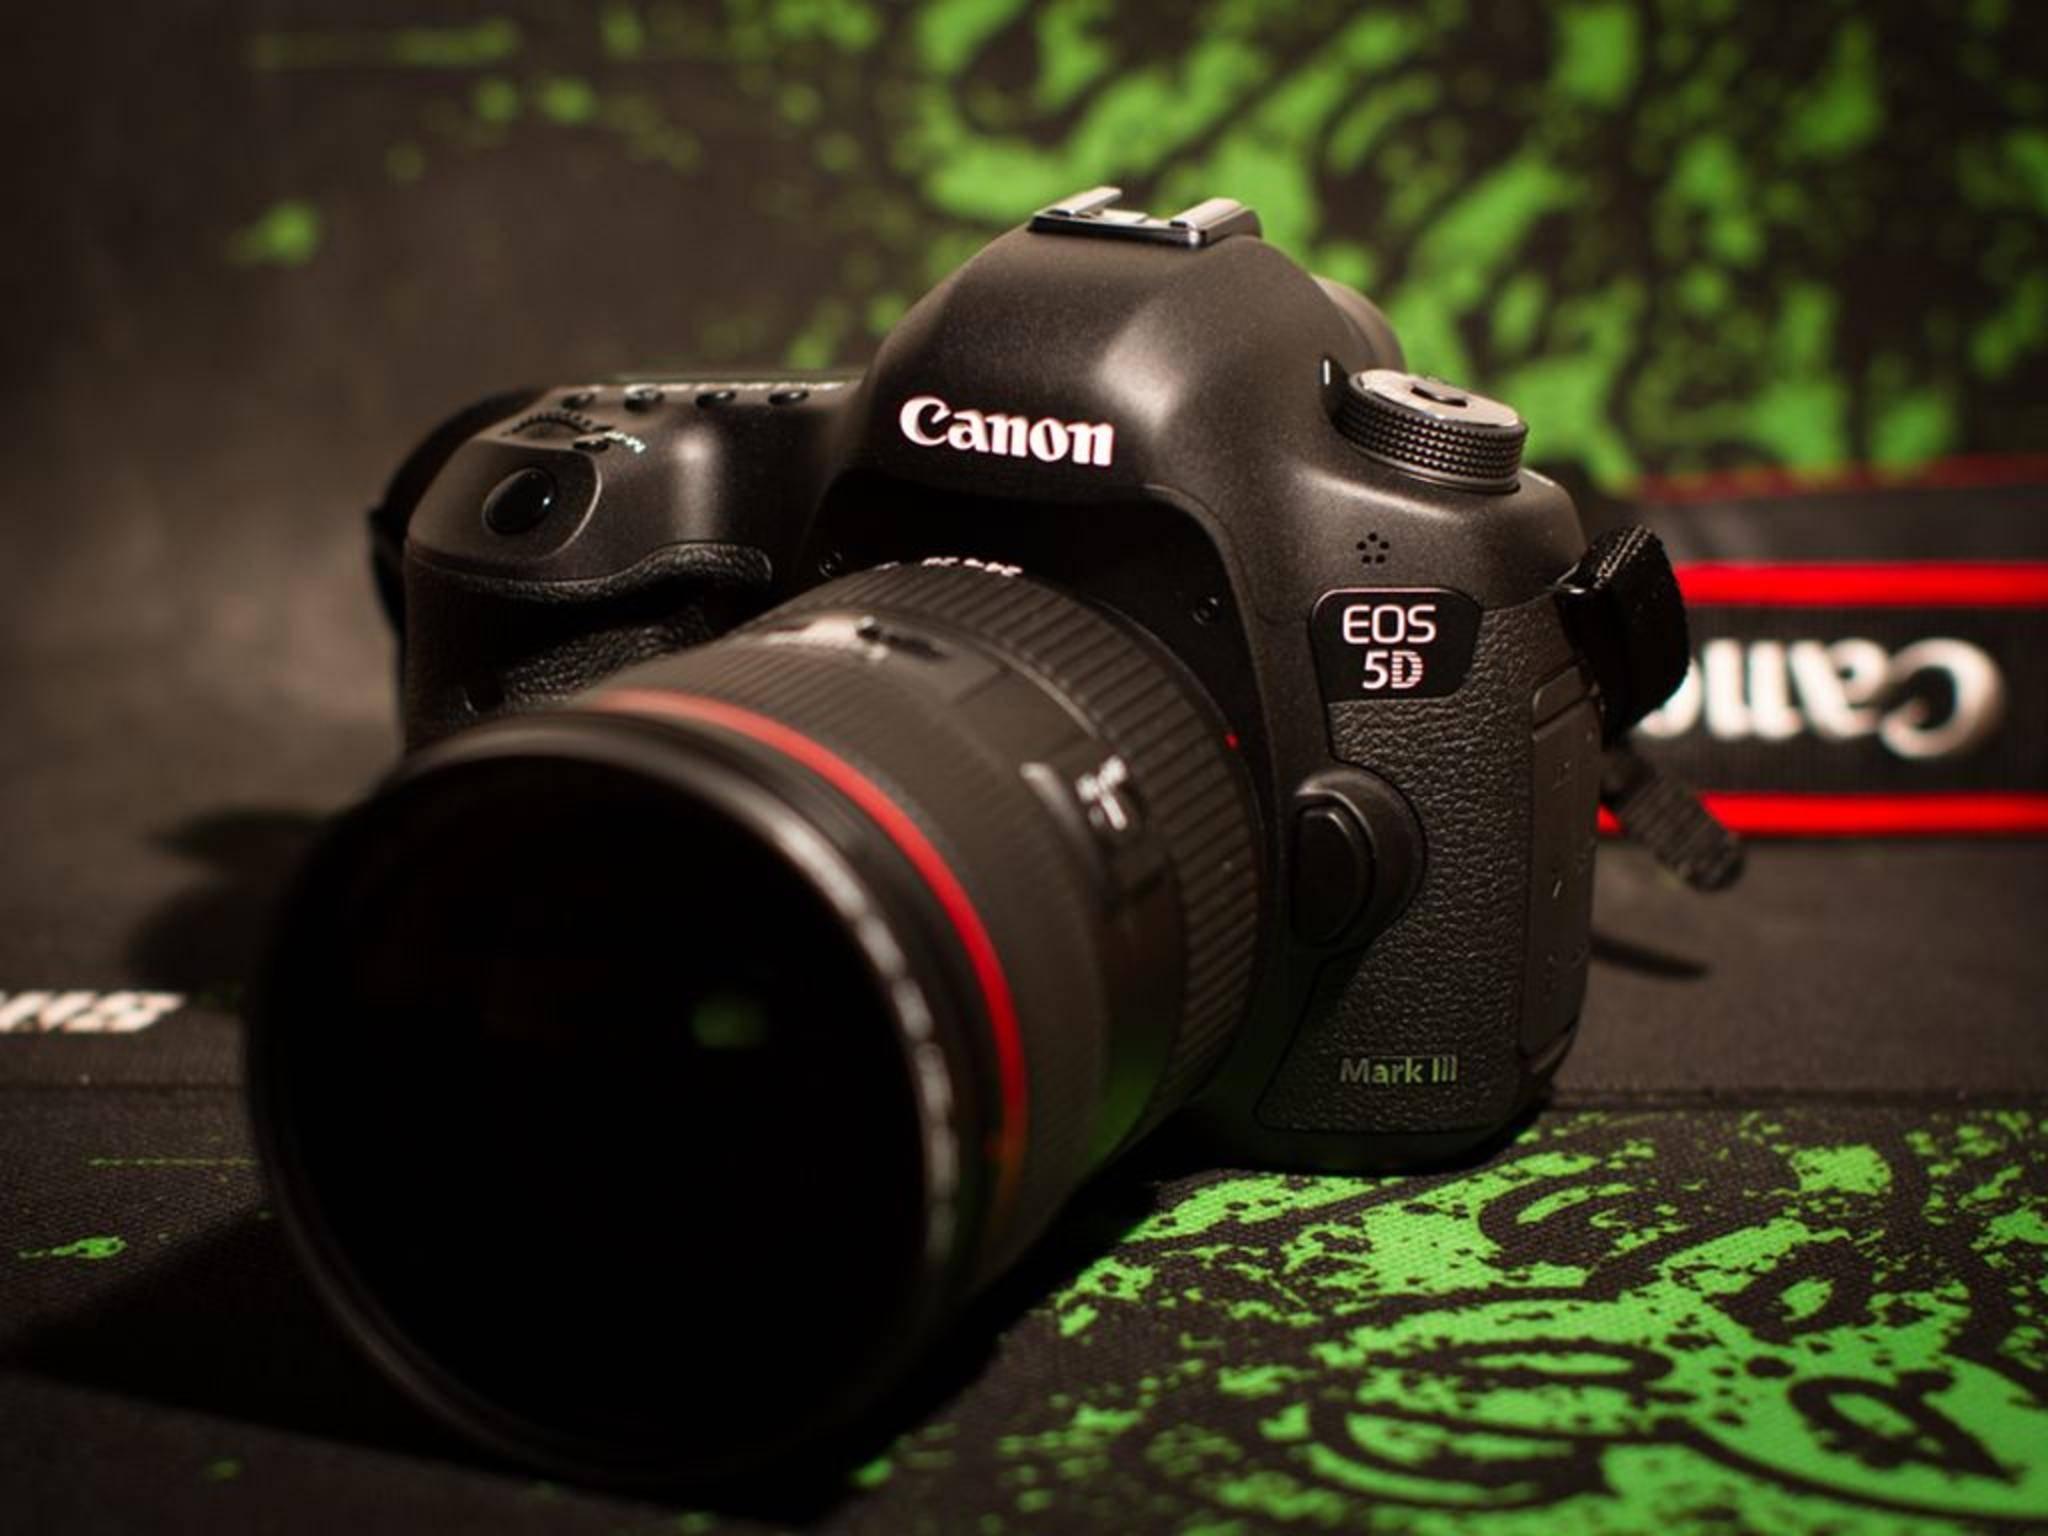 Besonders sehnsüchtig erwartet: der Nachfolger der Canon EOS 5D Mark III.